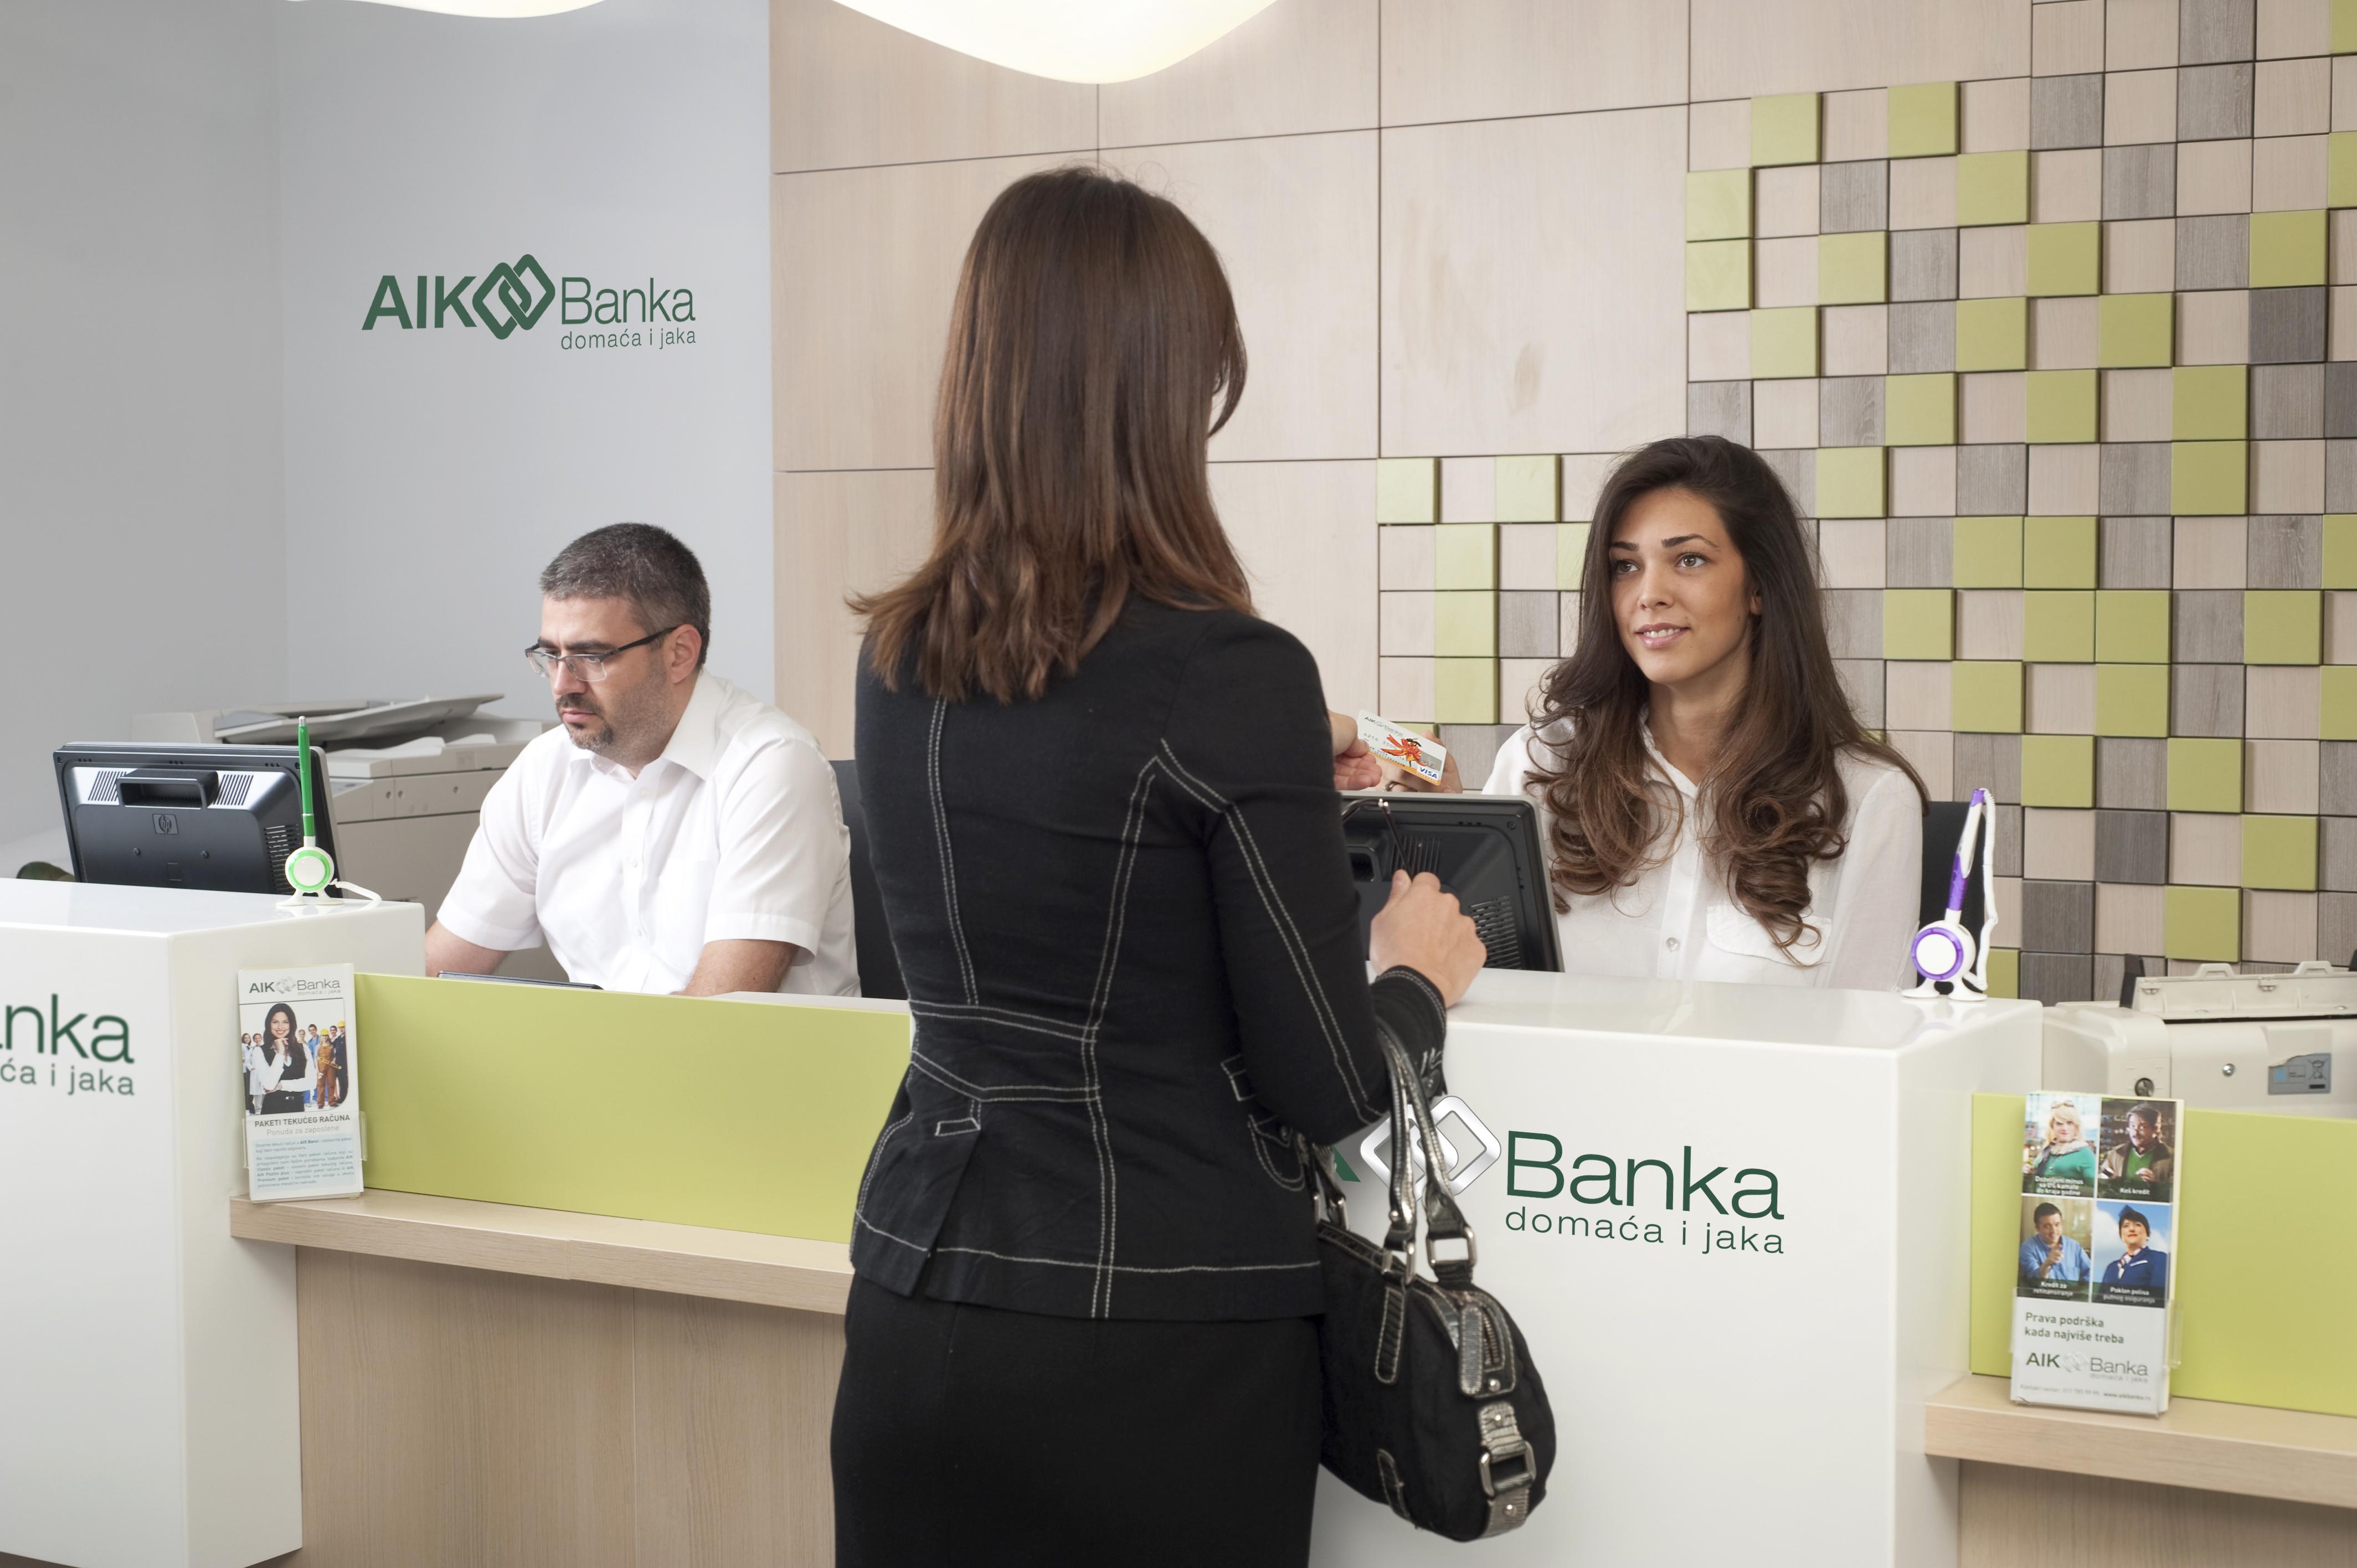 AIK Banka filijala Grawe karticarstvo brendirano